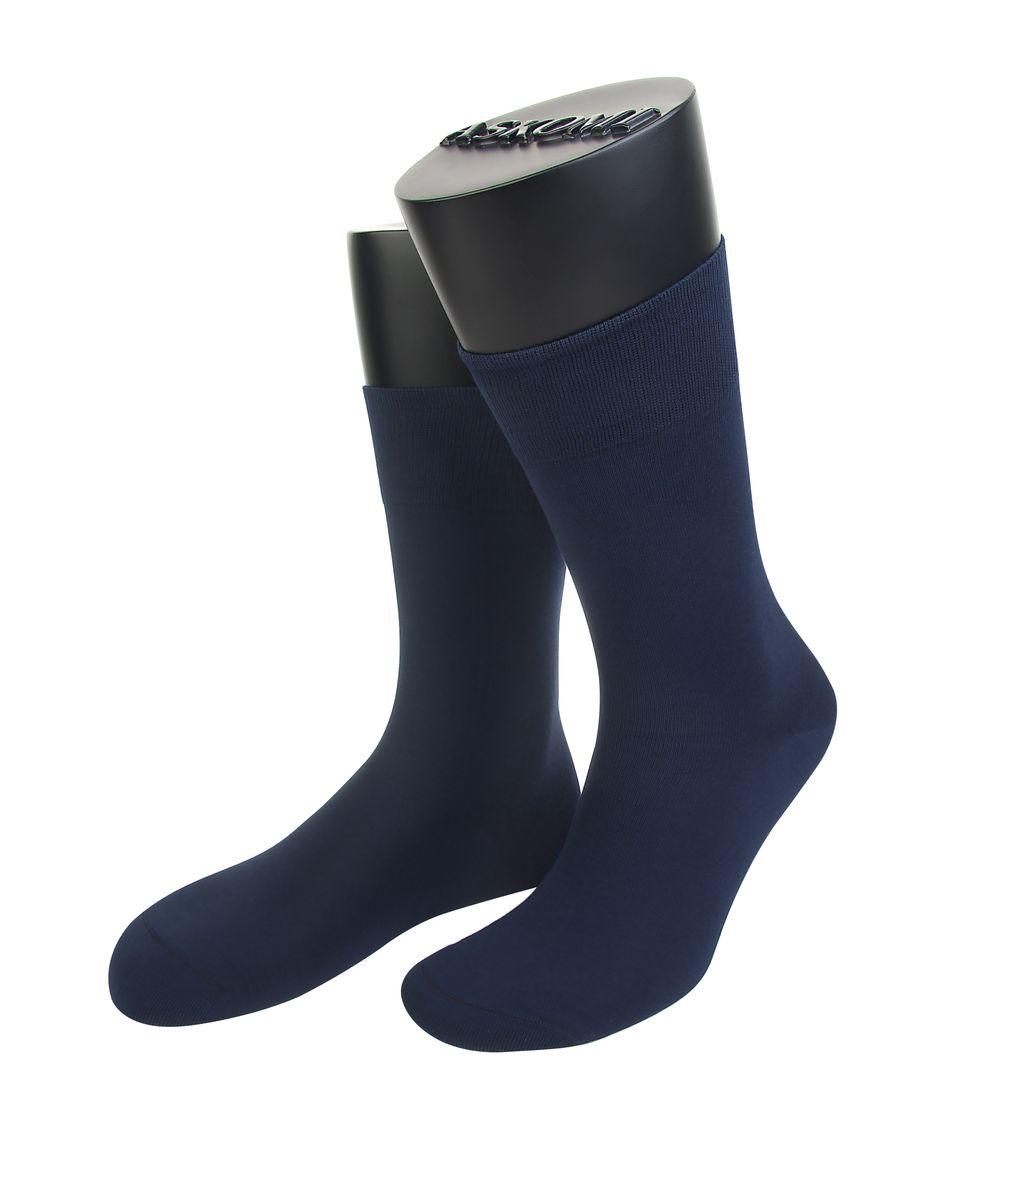 Носки мужские Askomi Classic, цвет: темно-синий. АМ-7500_2404. Размер 25 (39-40)АМ-7500_2404Мужские носки Askomi Classic для повседневной носки выполнены из бамбука с добавлением полиамида. Бамбуковое волокно обладает высокой прочностью, антибактериальным и теплоизолирующим свойством. Двойной борт для плотной фиксации не пережимает сосуды. Носок и пятка укреплены, что значительно увеличивает износостойкость носков. Кеттельный шов не ощутим для ноги.